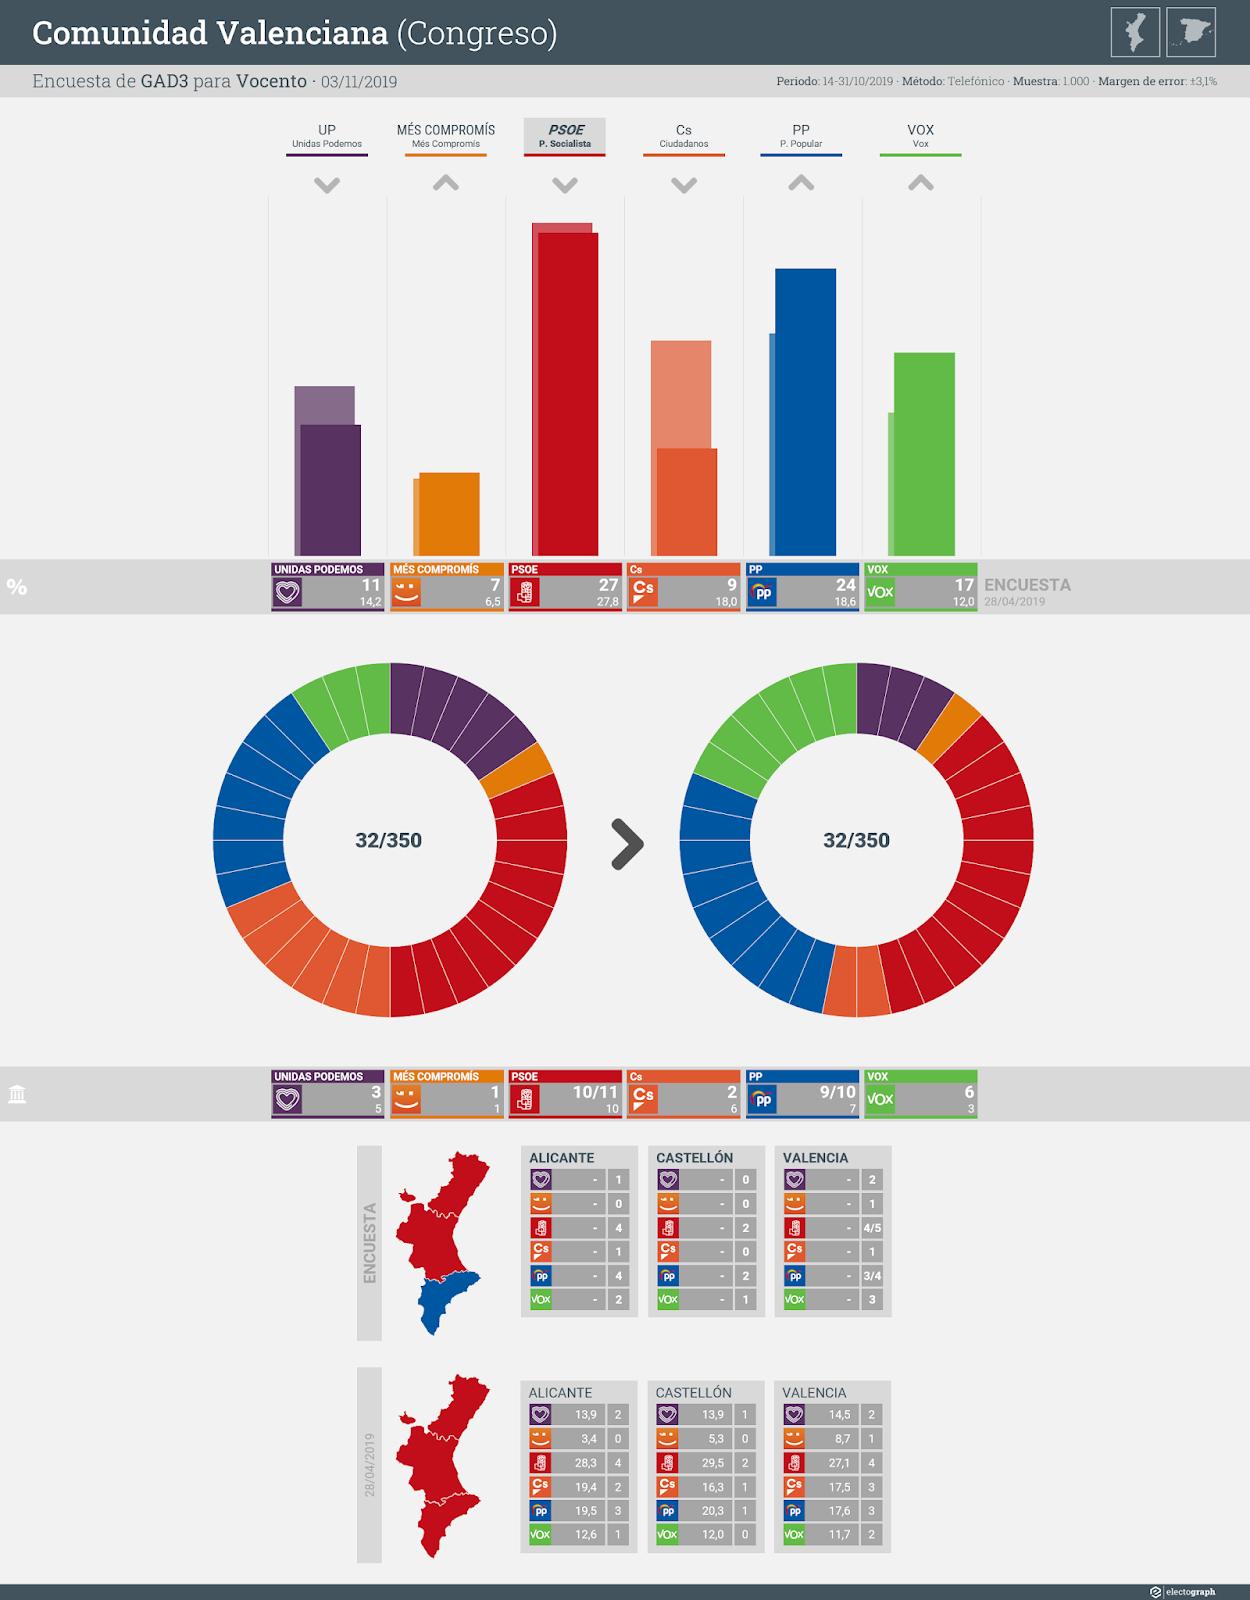 Gráfico de la encuesta para elecciones generales en la Comunidad Valenciana realizada por GAD3 para Vocento, 3 de noviembre de 2019